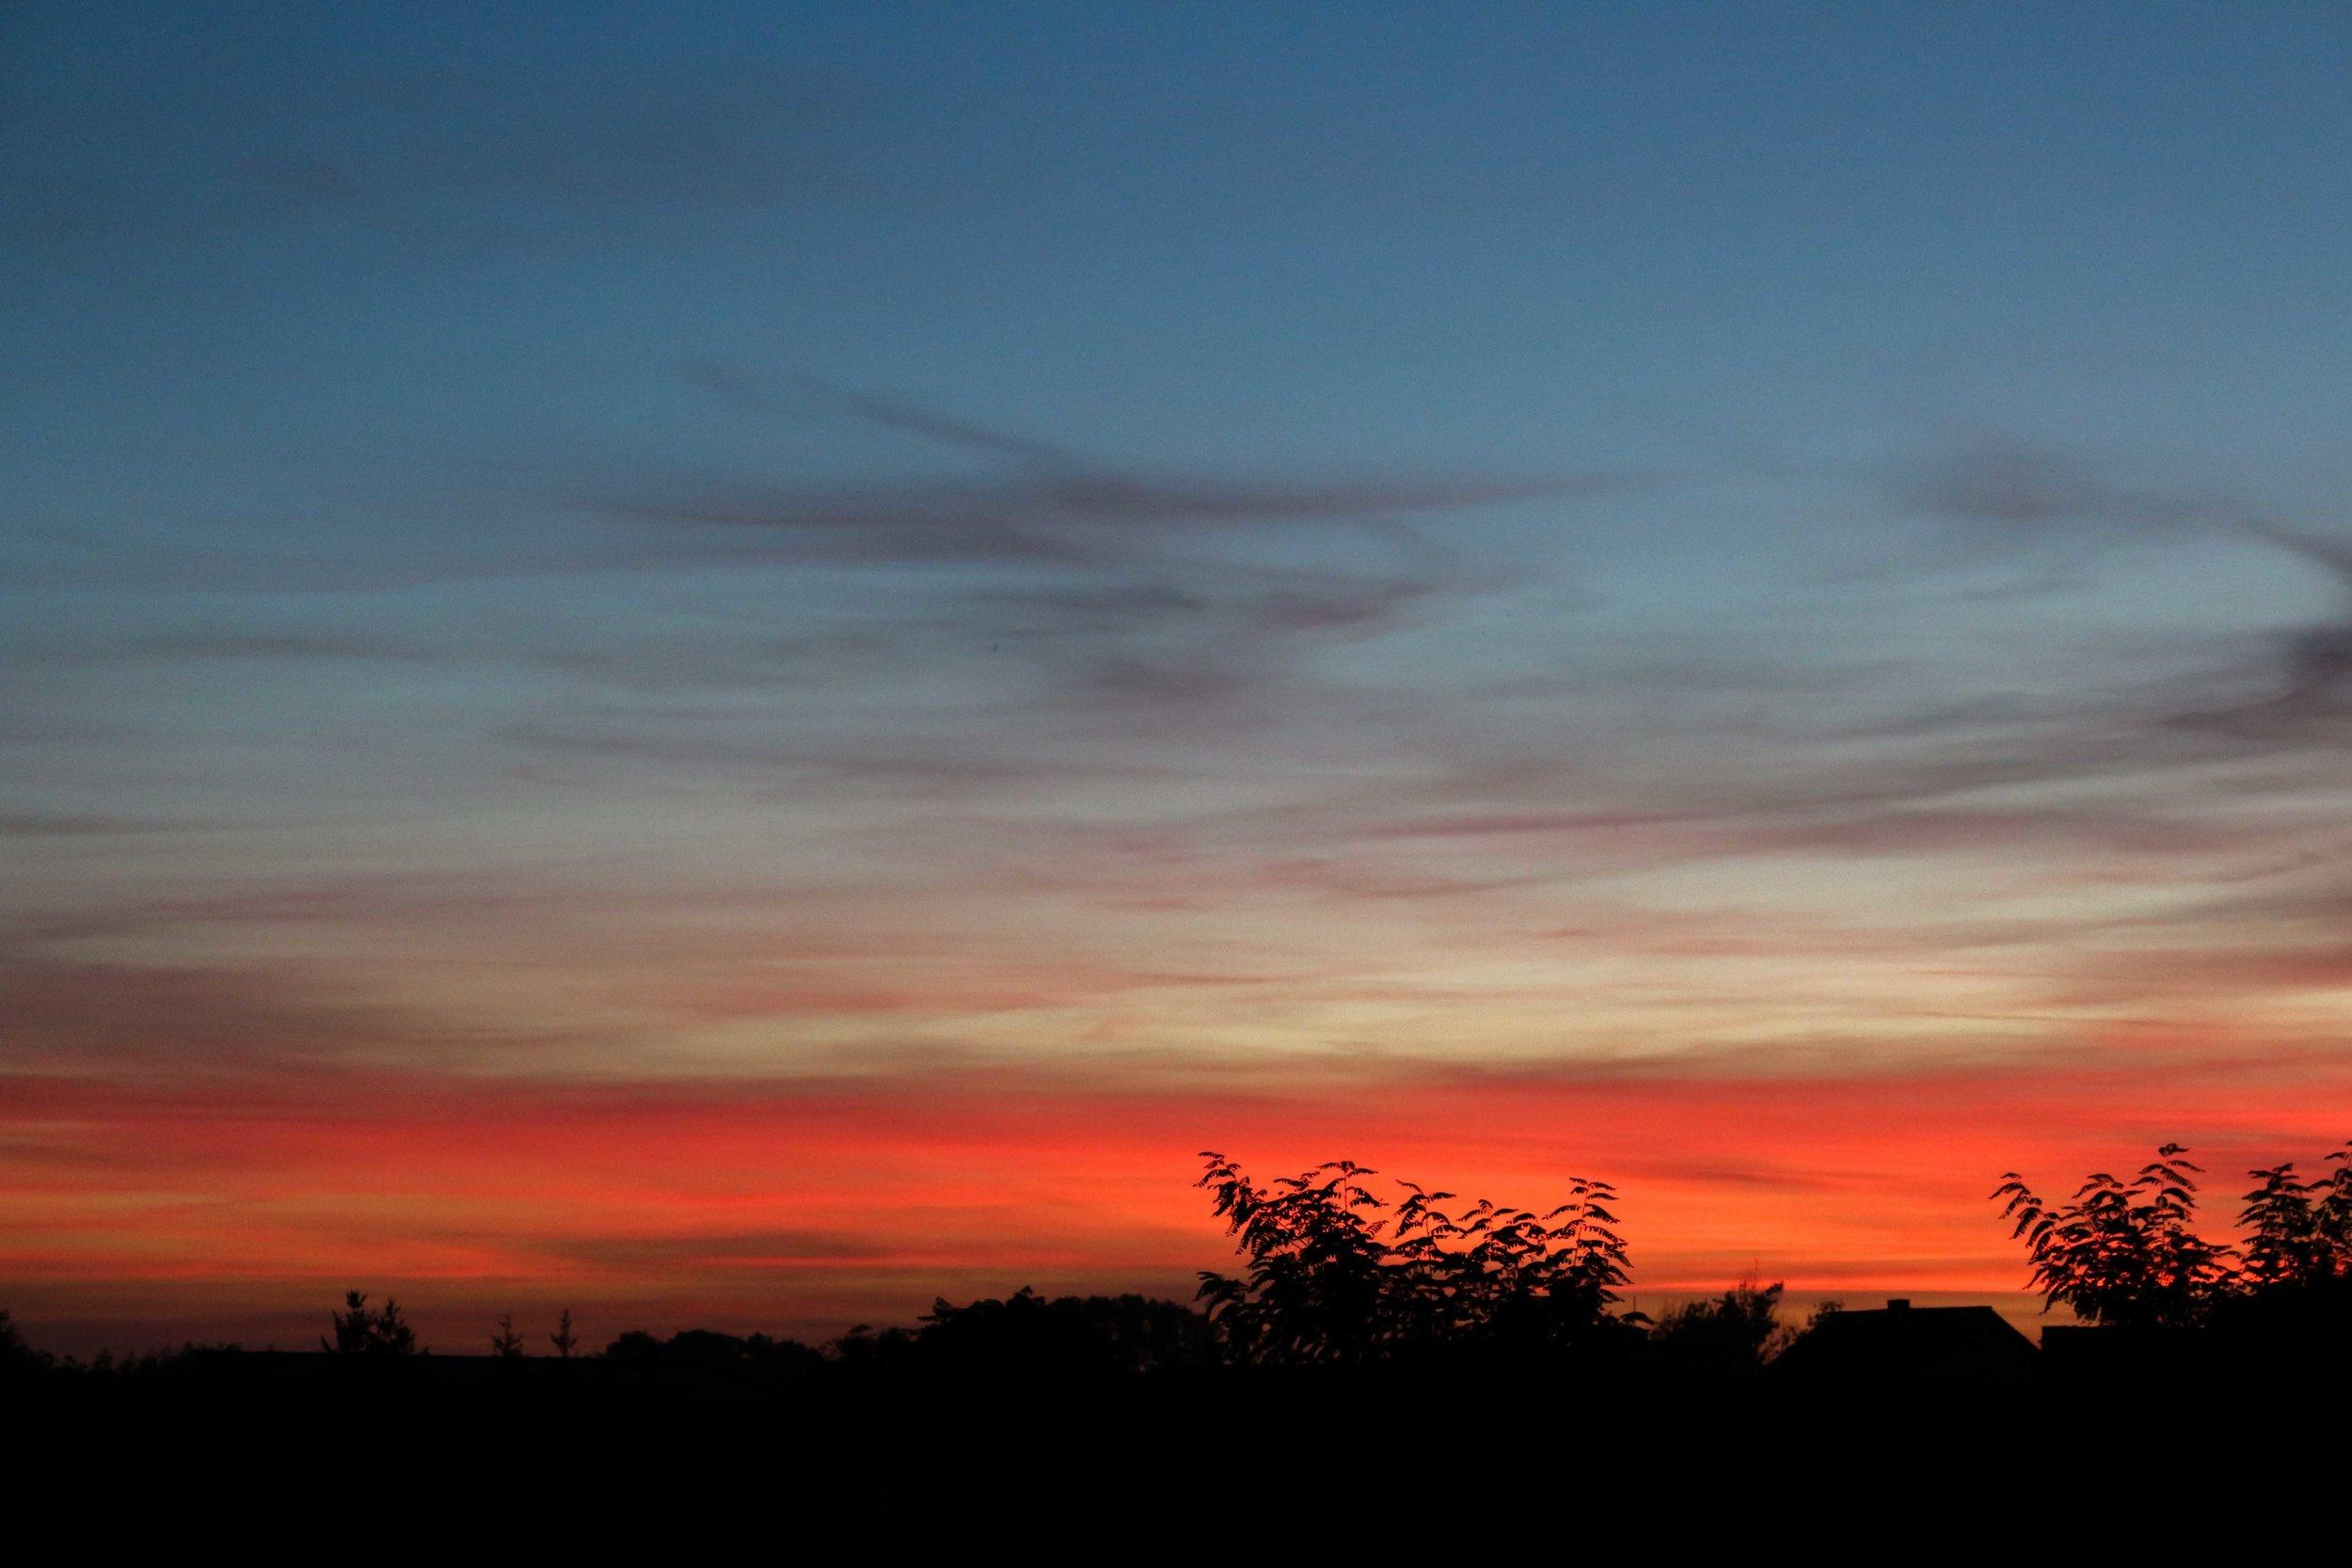 sunset-by-karolina-sznycer